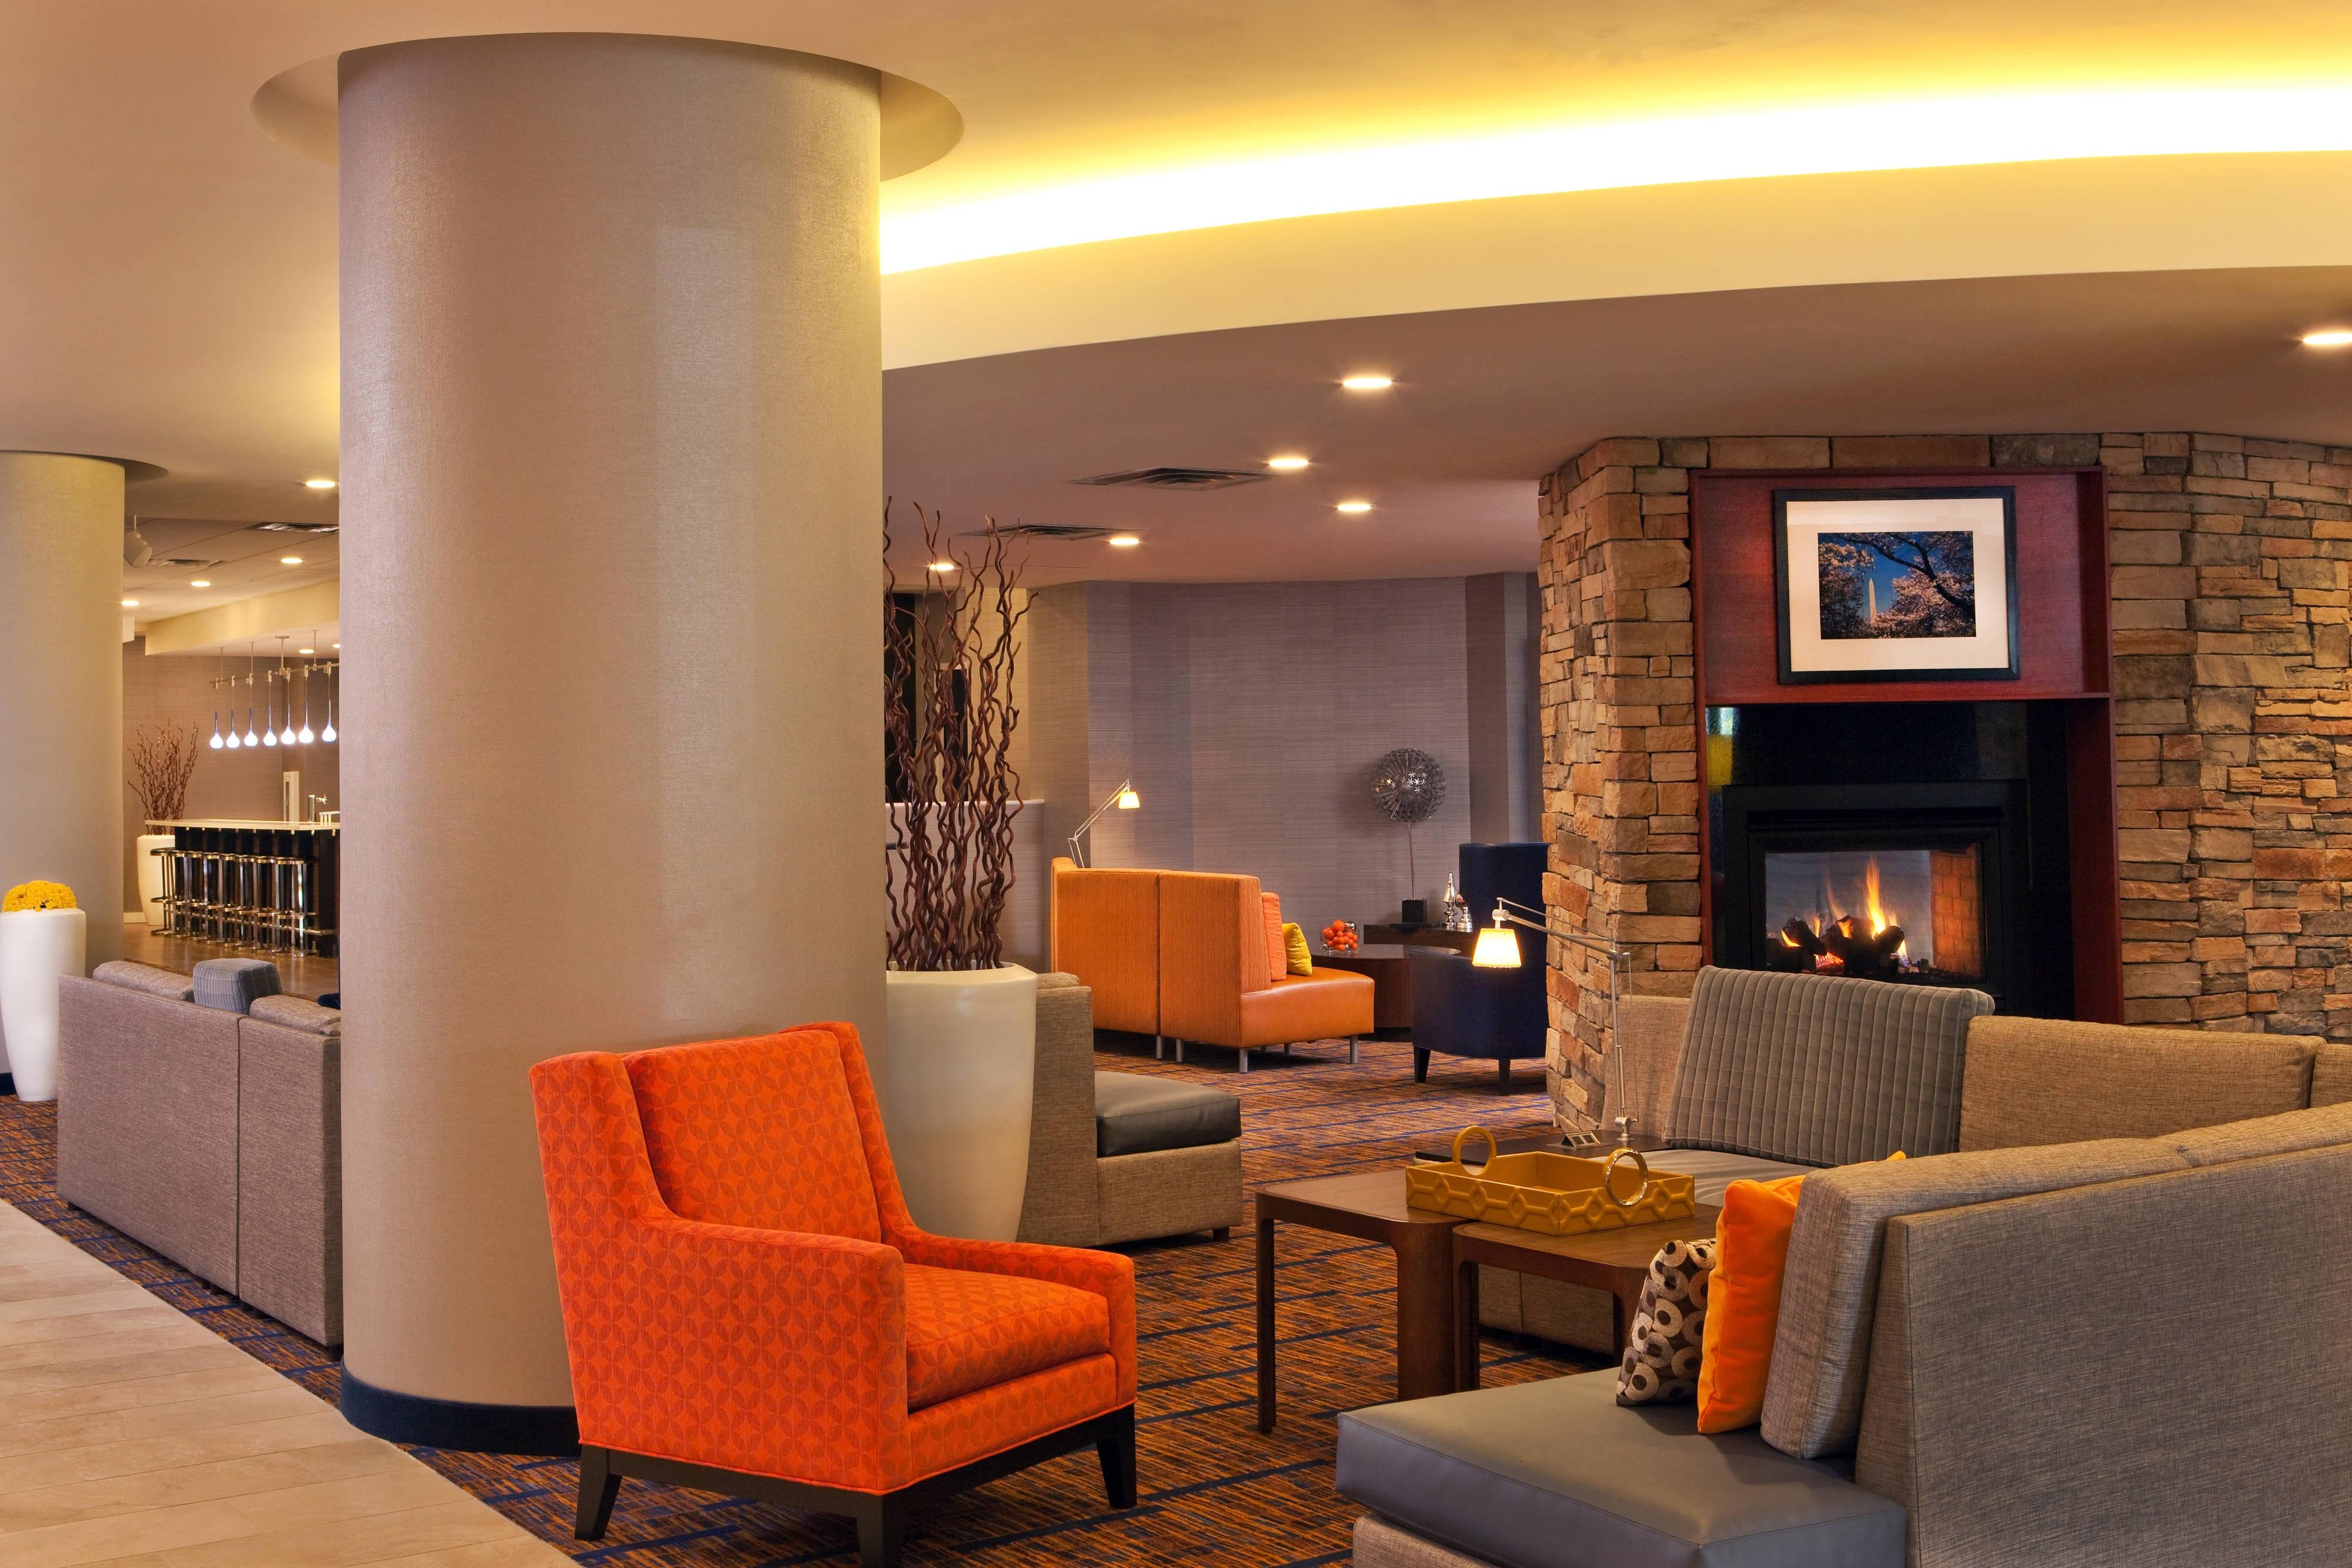 Alexandria, VA hotel lobby